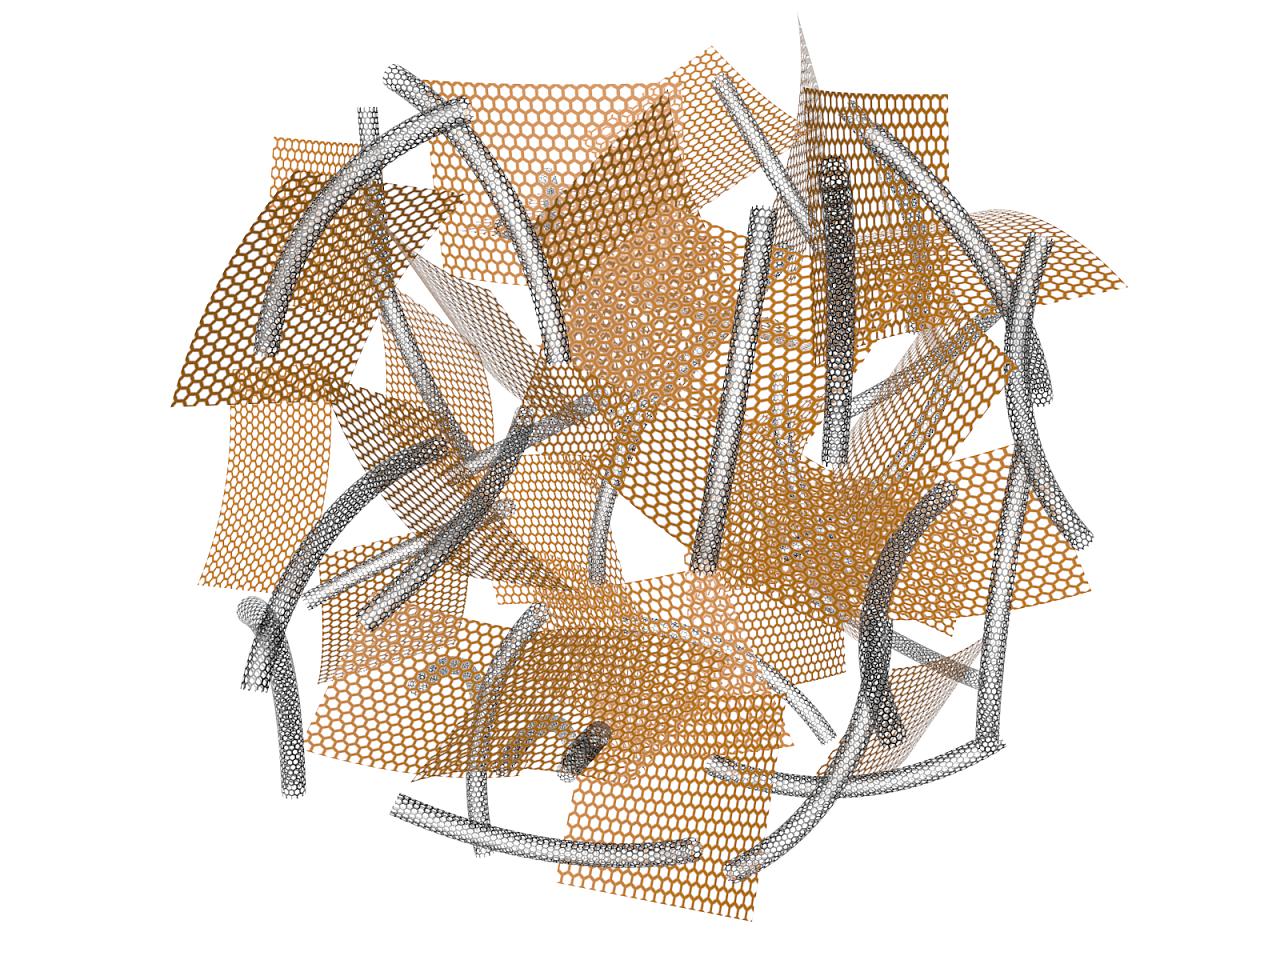 示意图:石墨烯&碳纳米管|三维|其他三维|hyp_jsu